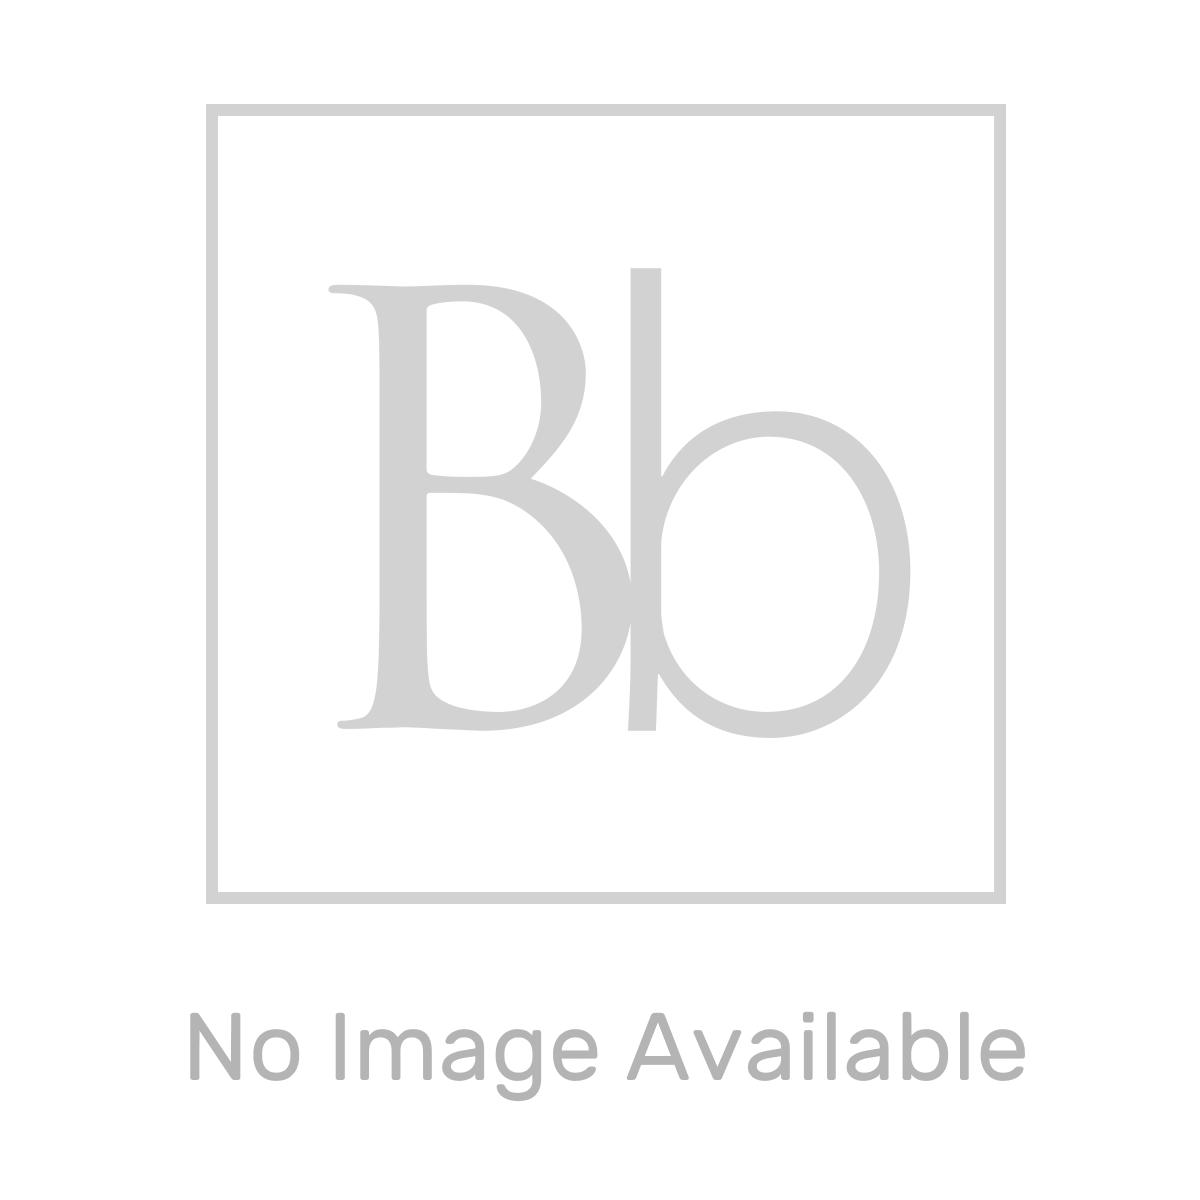 Premier High Gloss White Vanity Unit Standard Basin